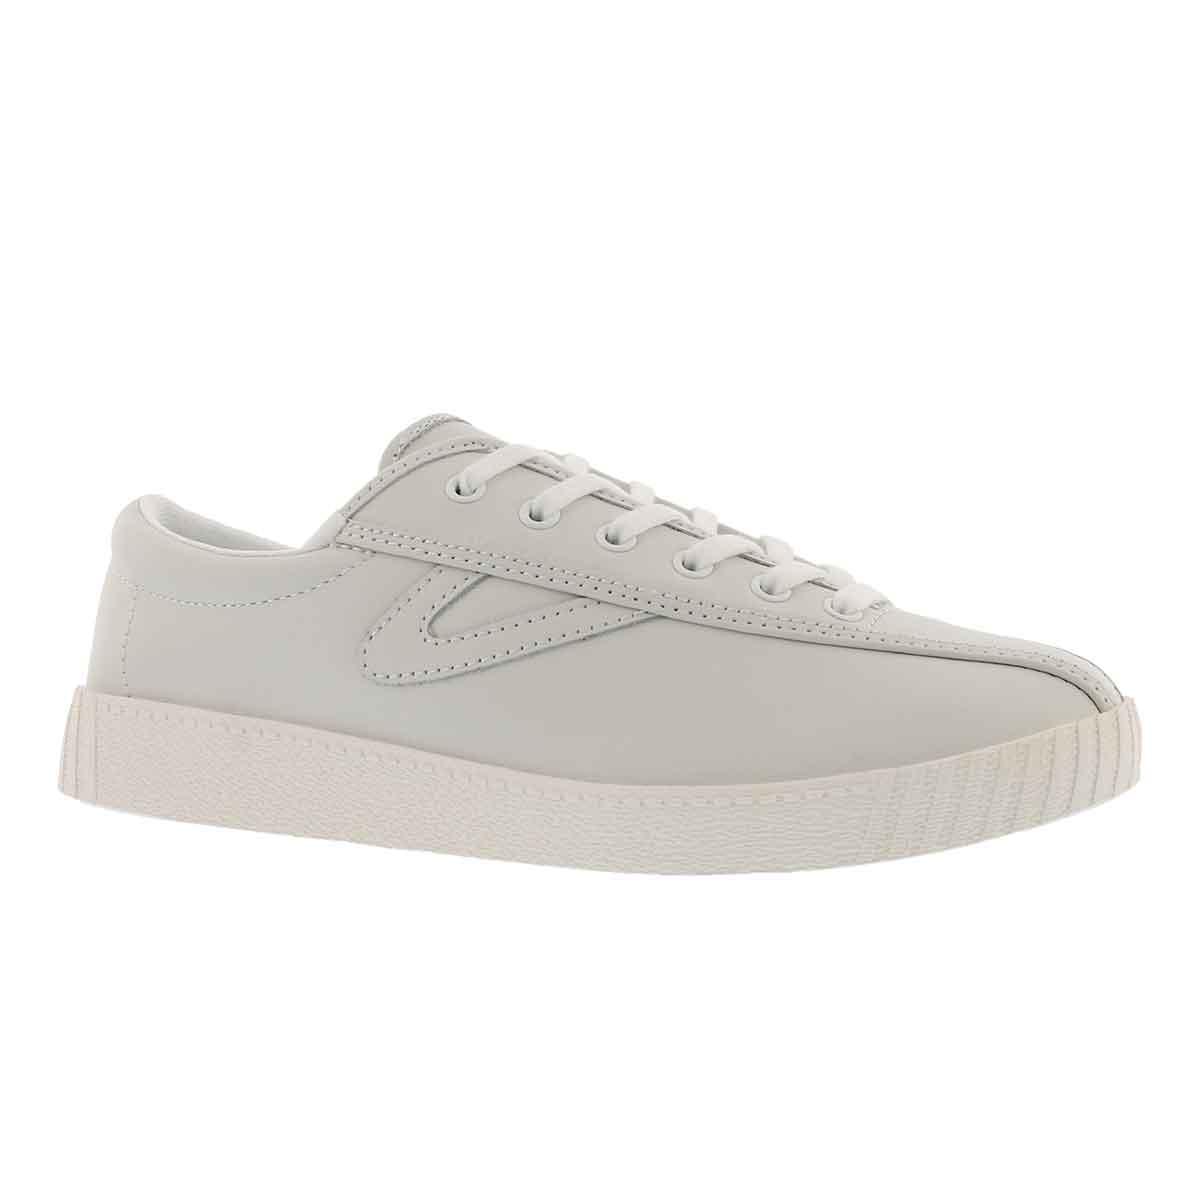 Lds Nylite 2 Plus white sneaker